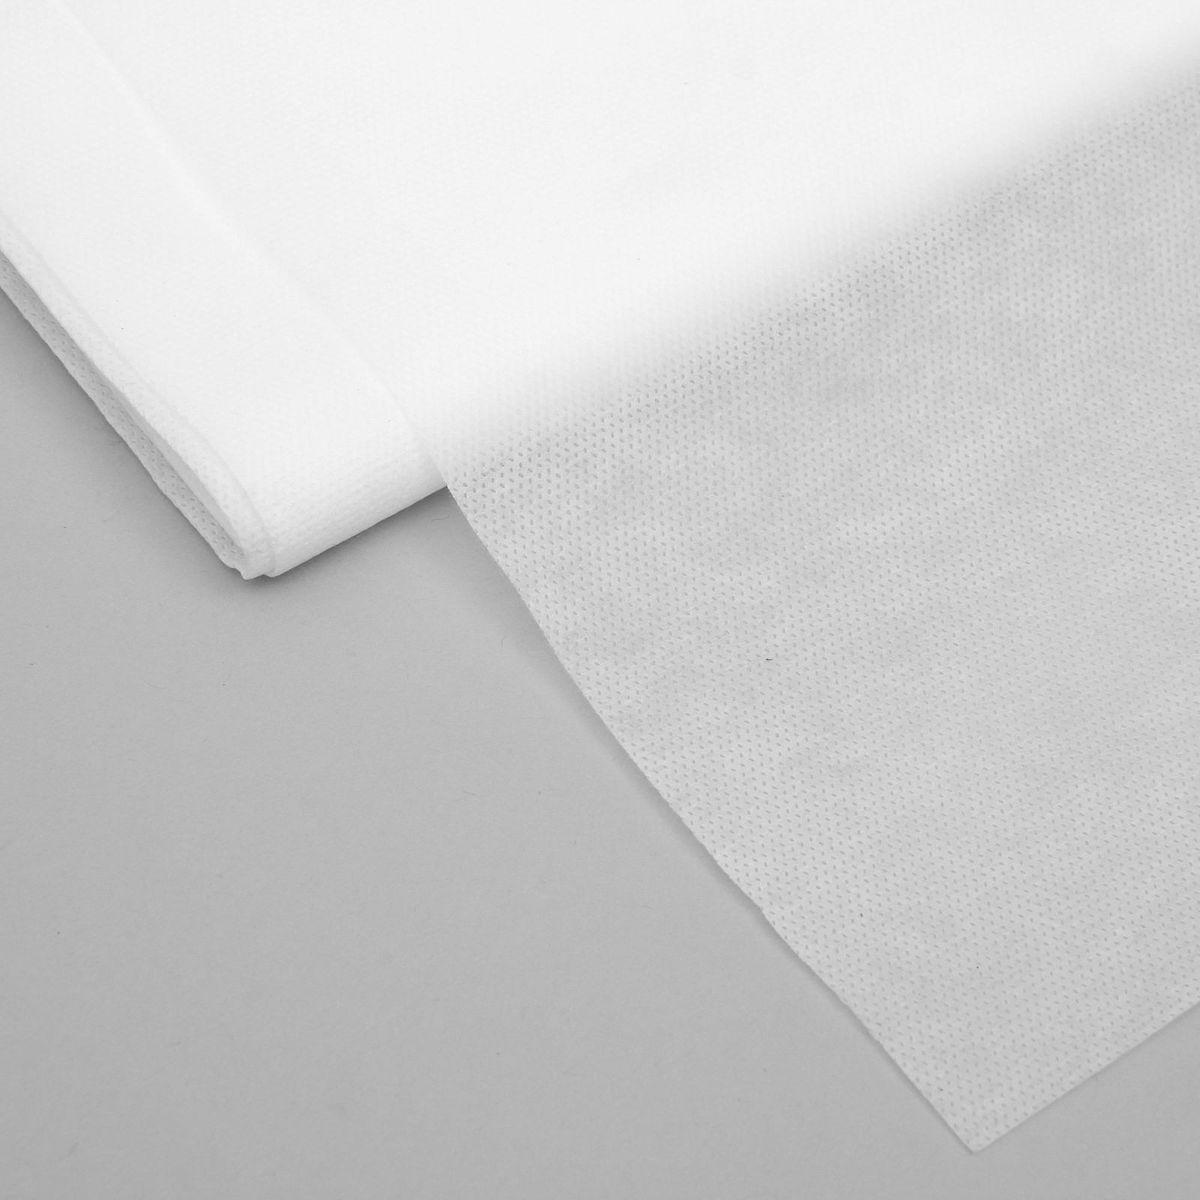 Материал укрывной Агротекс, цвет: белый, 5 х 1,6 м 14629881462988 «Агротекс 30» предназначен для укрытия растений на грядках без каркасов. По мере развития побеги приподнимают полотно без повреждений стебля, листьев или плодов.Защищает от: заморозков до –2 °С перегрева ультрафиолетовых лучей насекомых, вредителей сильного ветра осадков.